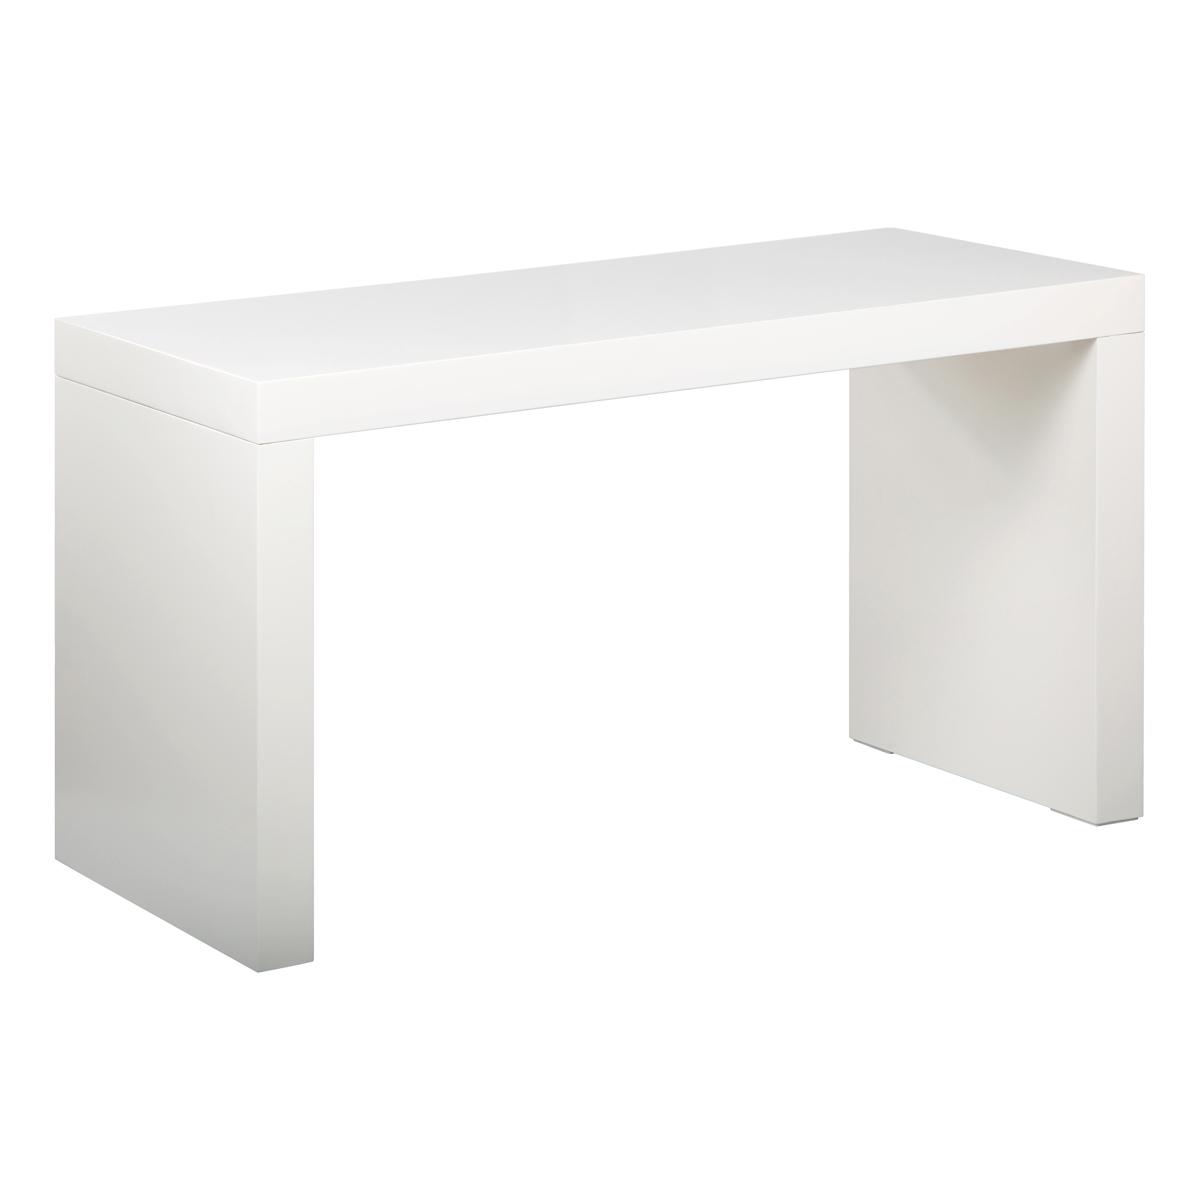 Sitztisch Blanco 140